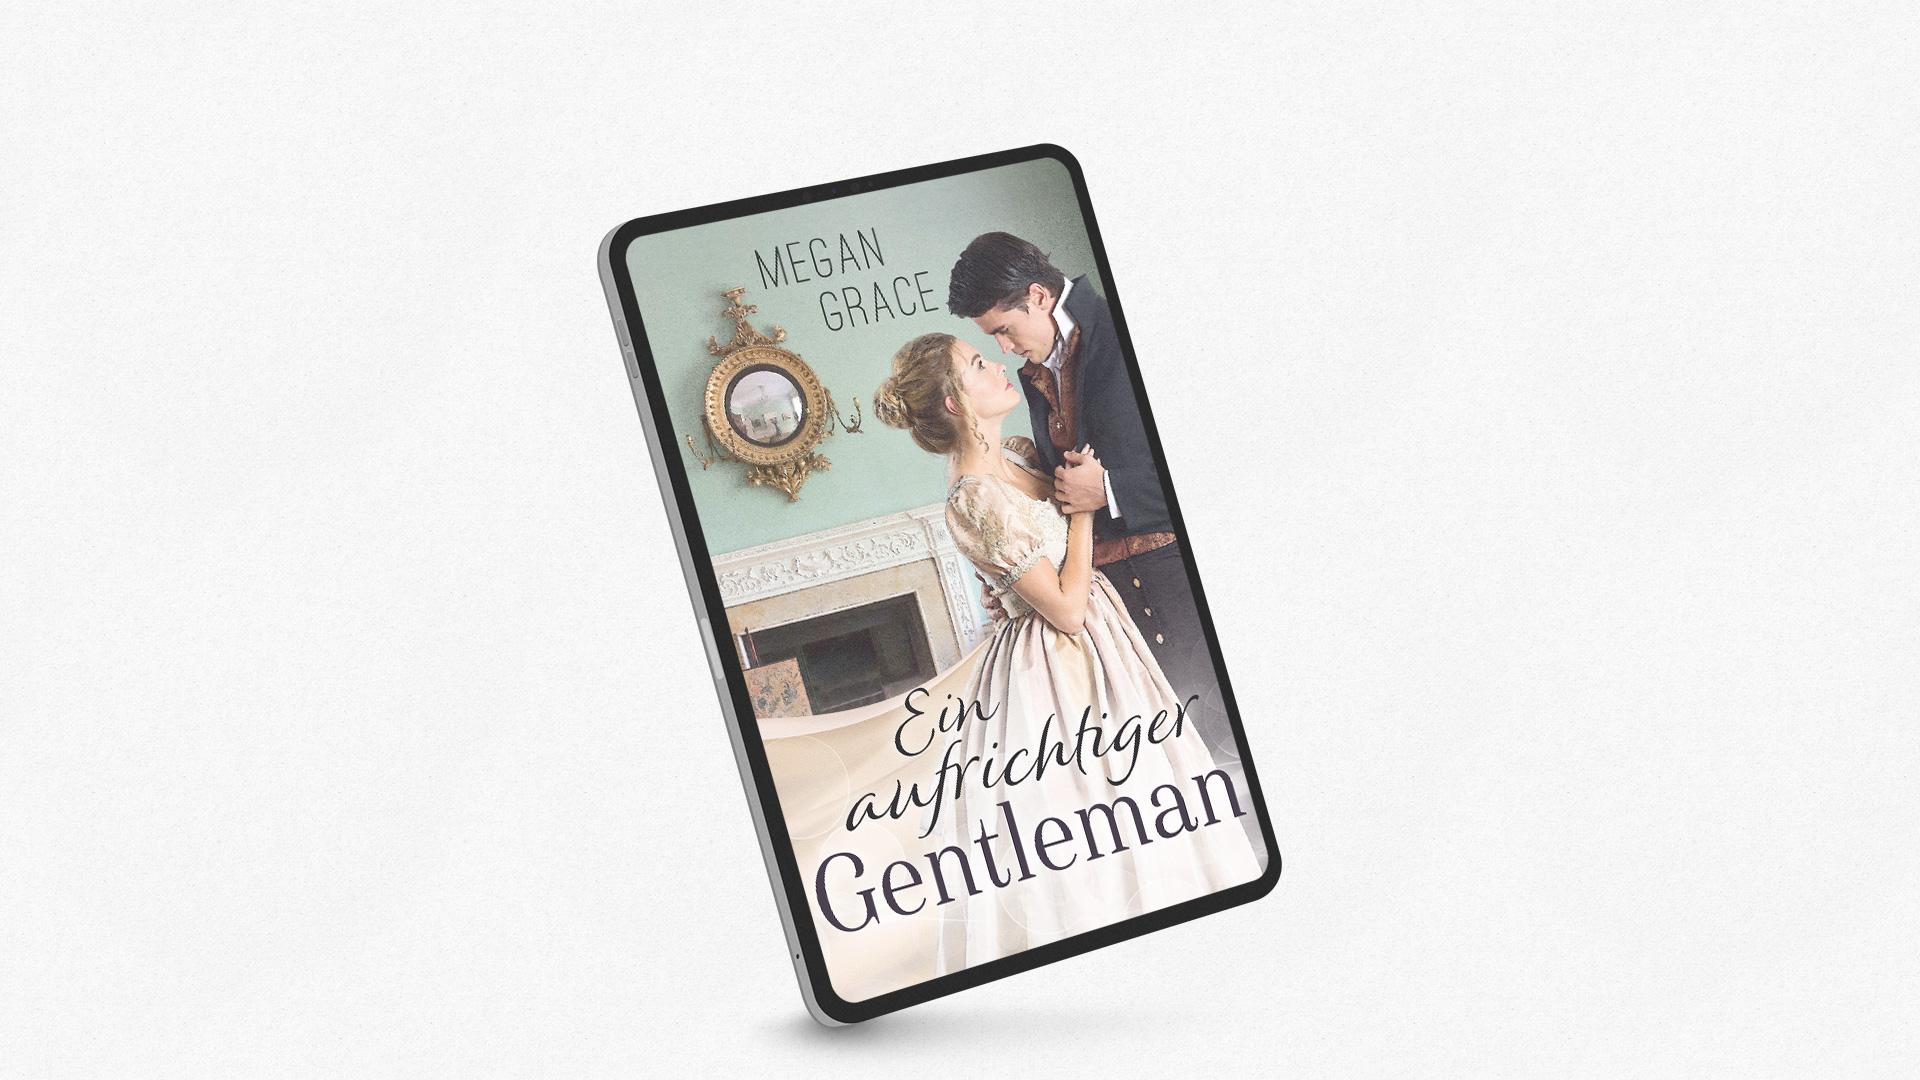 Ein aufrichtiger Gentleman